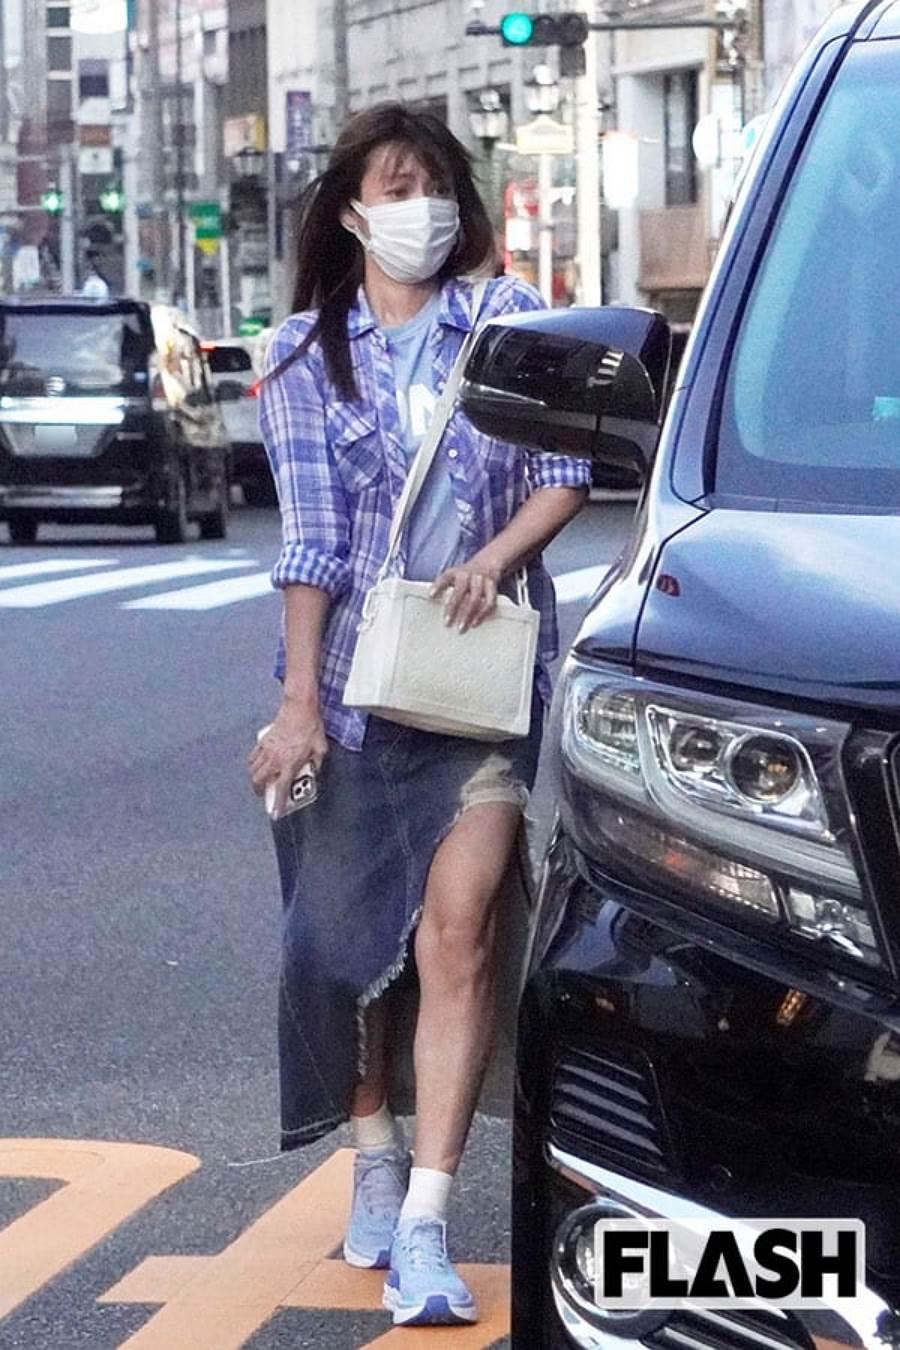 深田恭子為了拍寫真集頻繁進出美容院「維修」,保持完美體態,但日前被拍到下半身近照,「粗壯」到讓網友看傻。(圖/ 摘自日網SMARTFLASH)